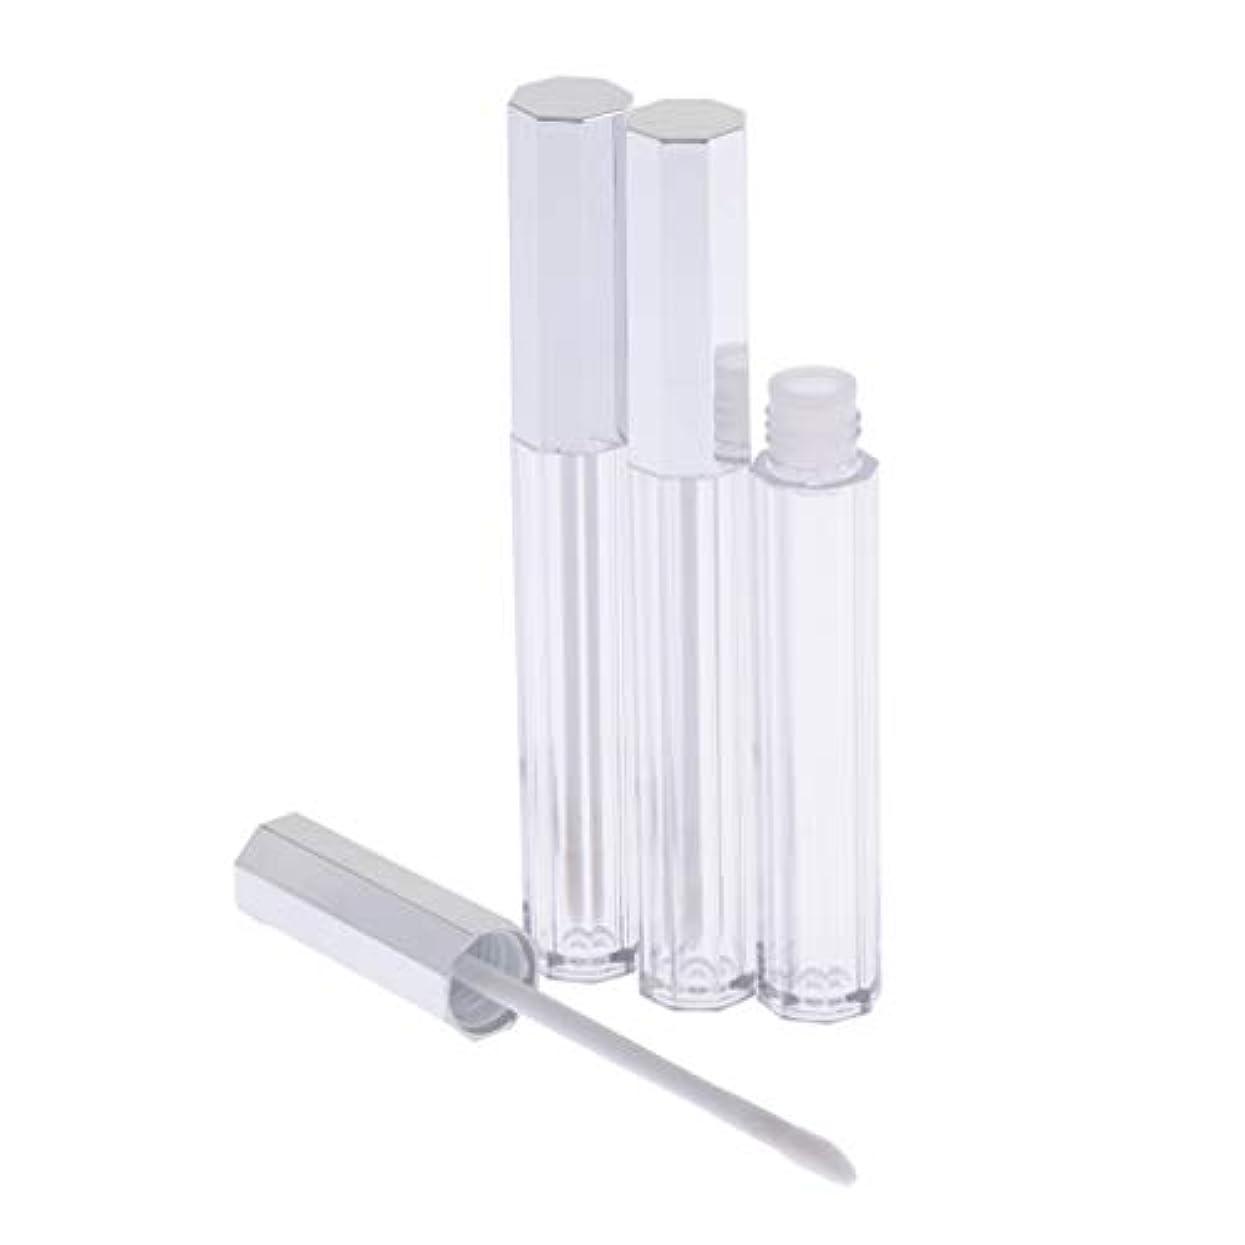 シリーズ不合格笑いリップグロス 容器 チューブ 口紅 容器 空 プラスチック リップグロスボトル 5ml 3個セット